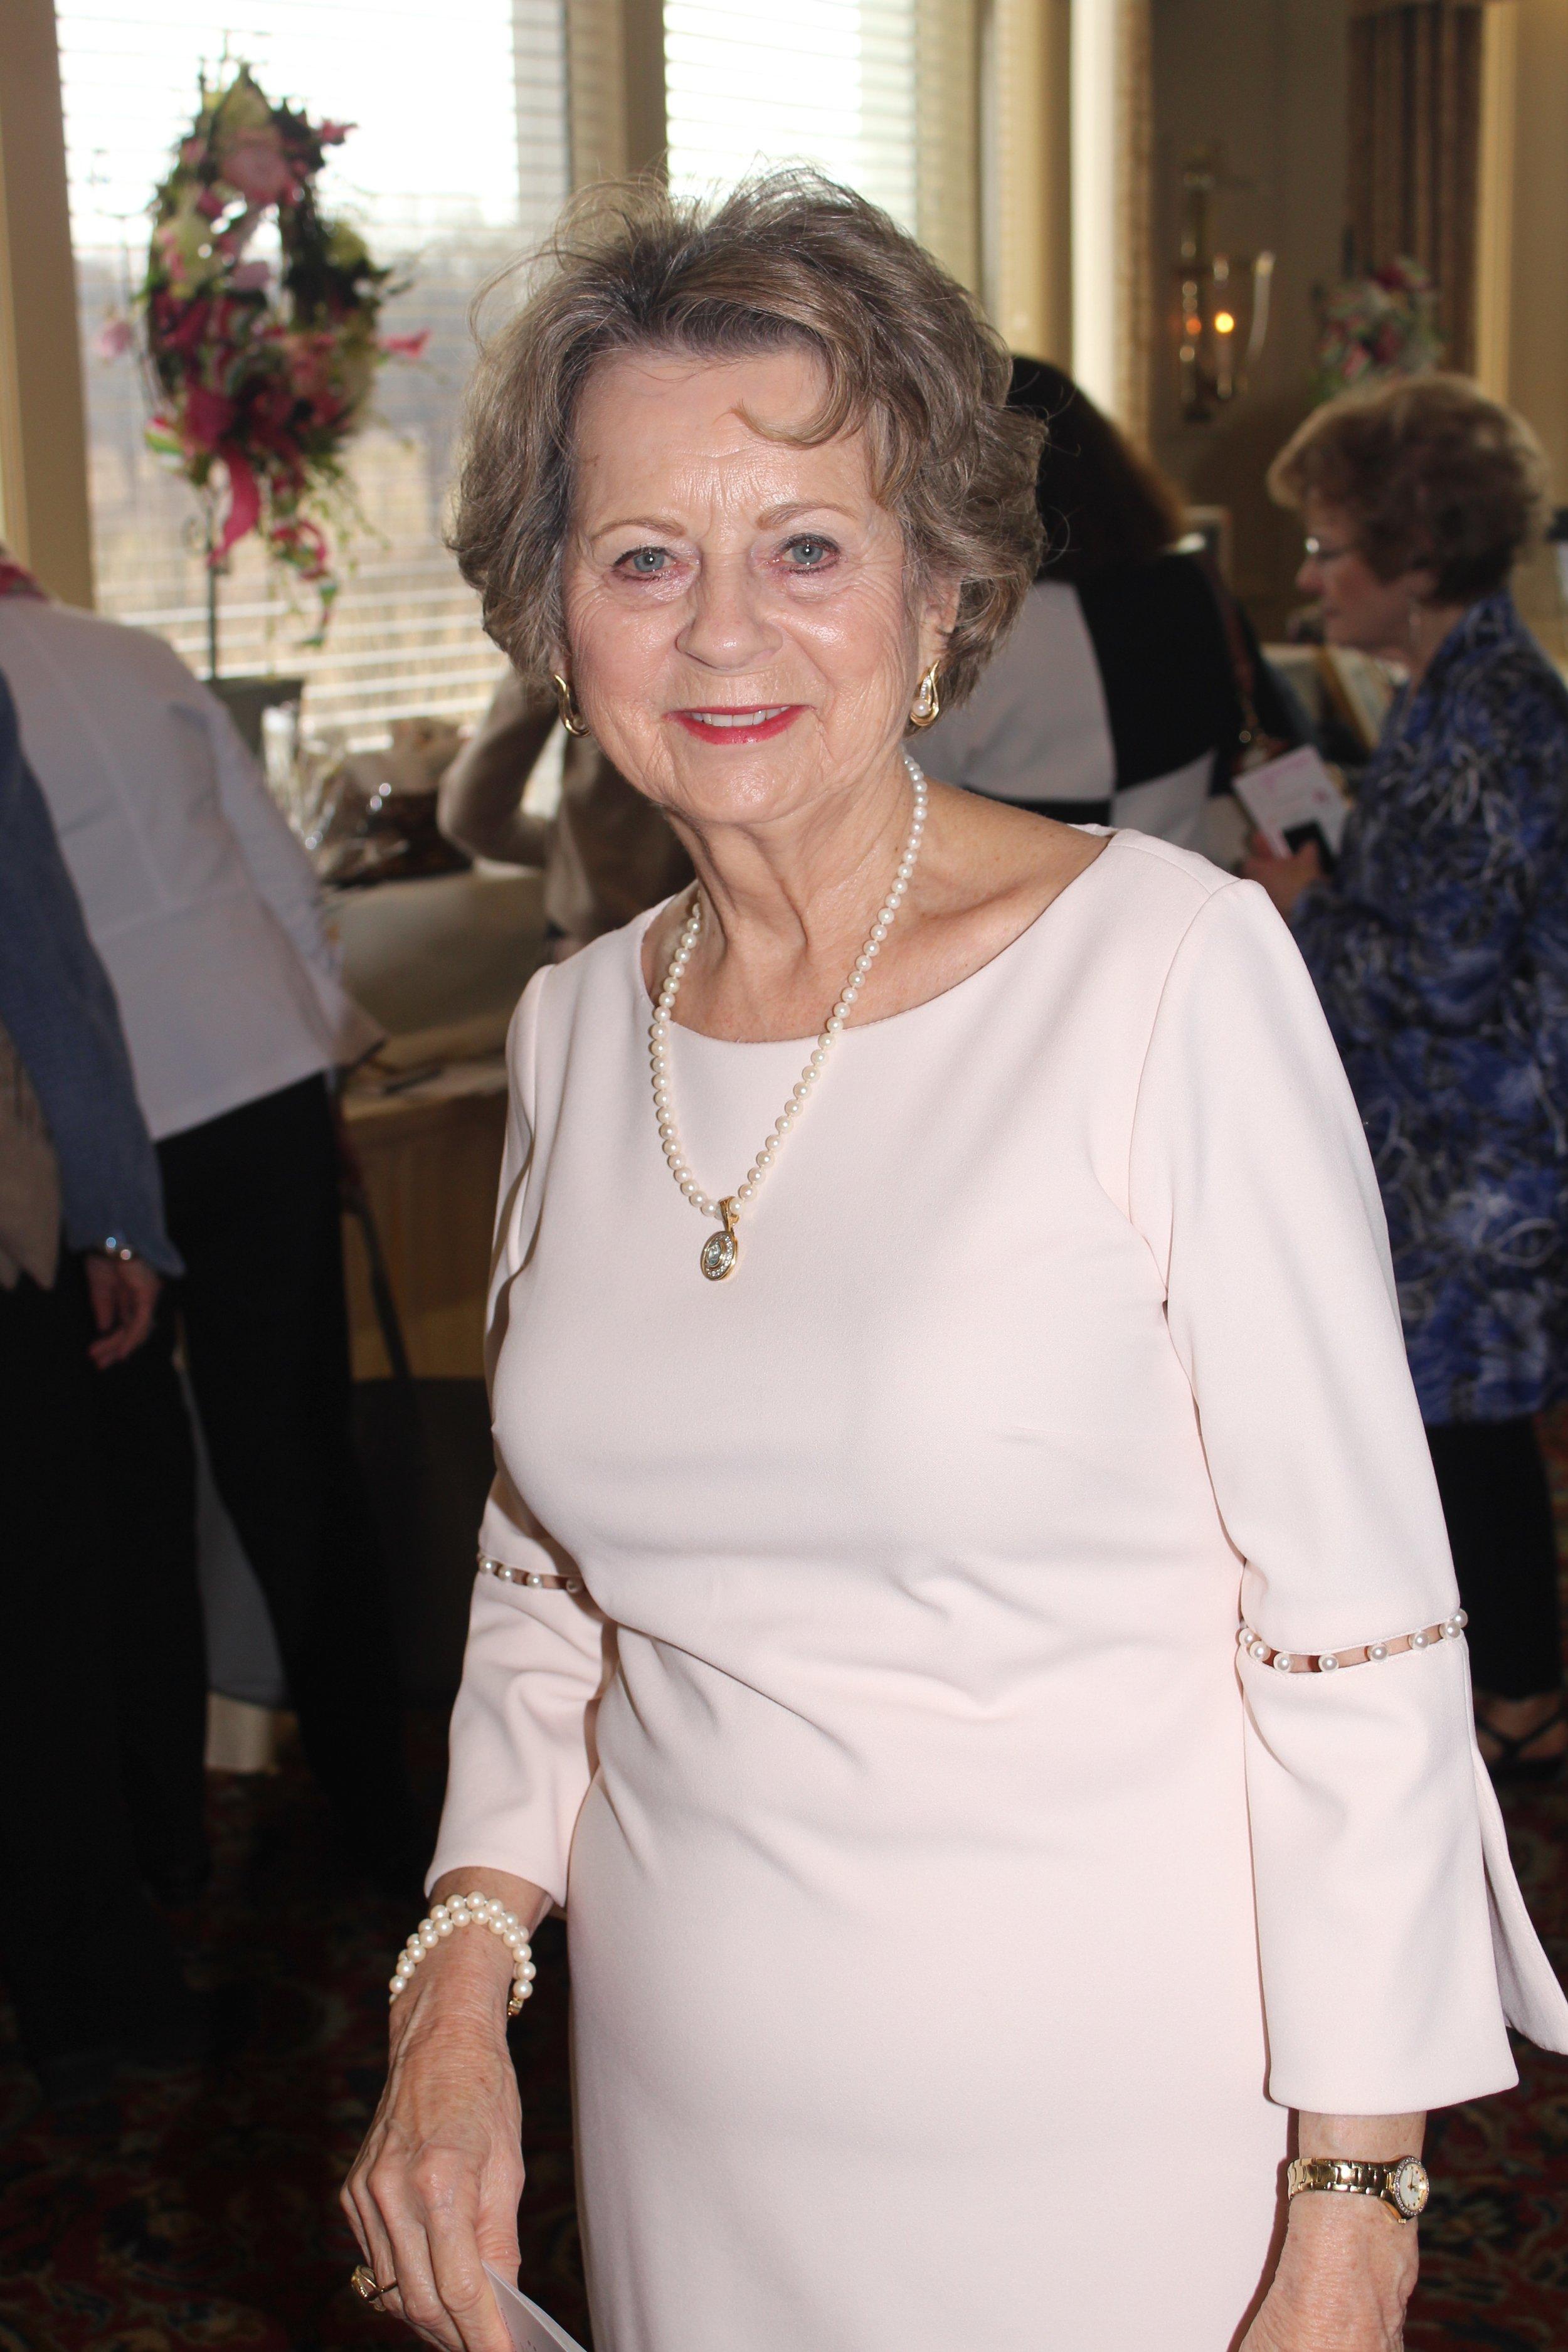 Brenda Rorie